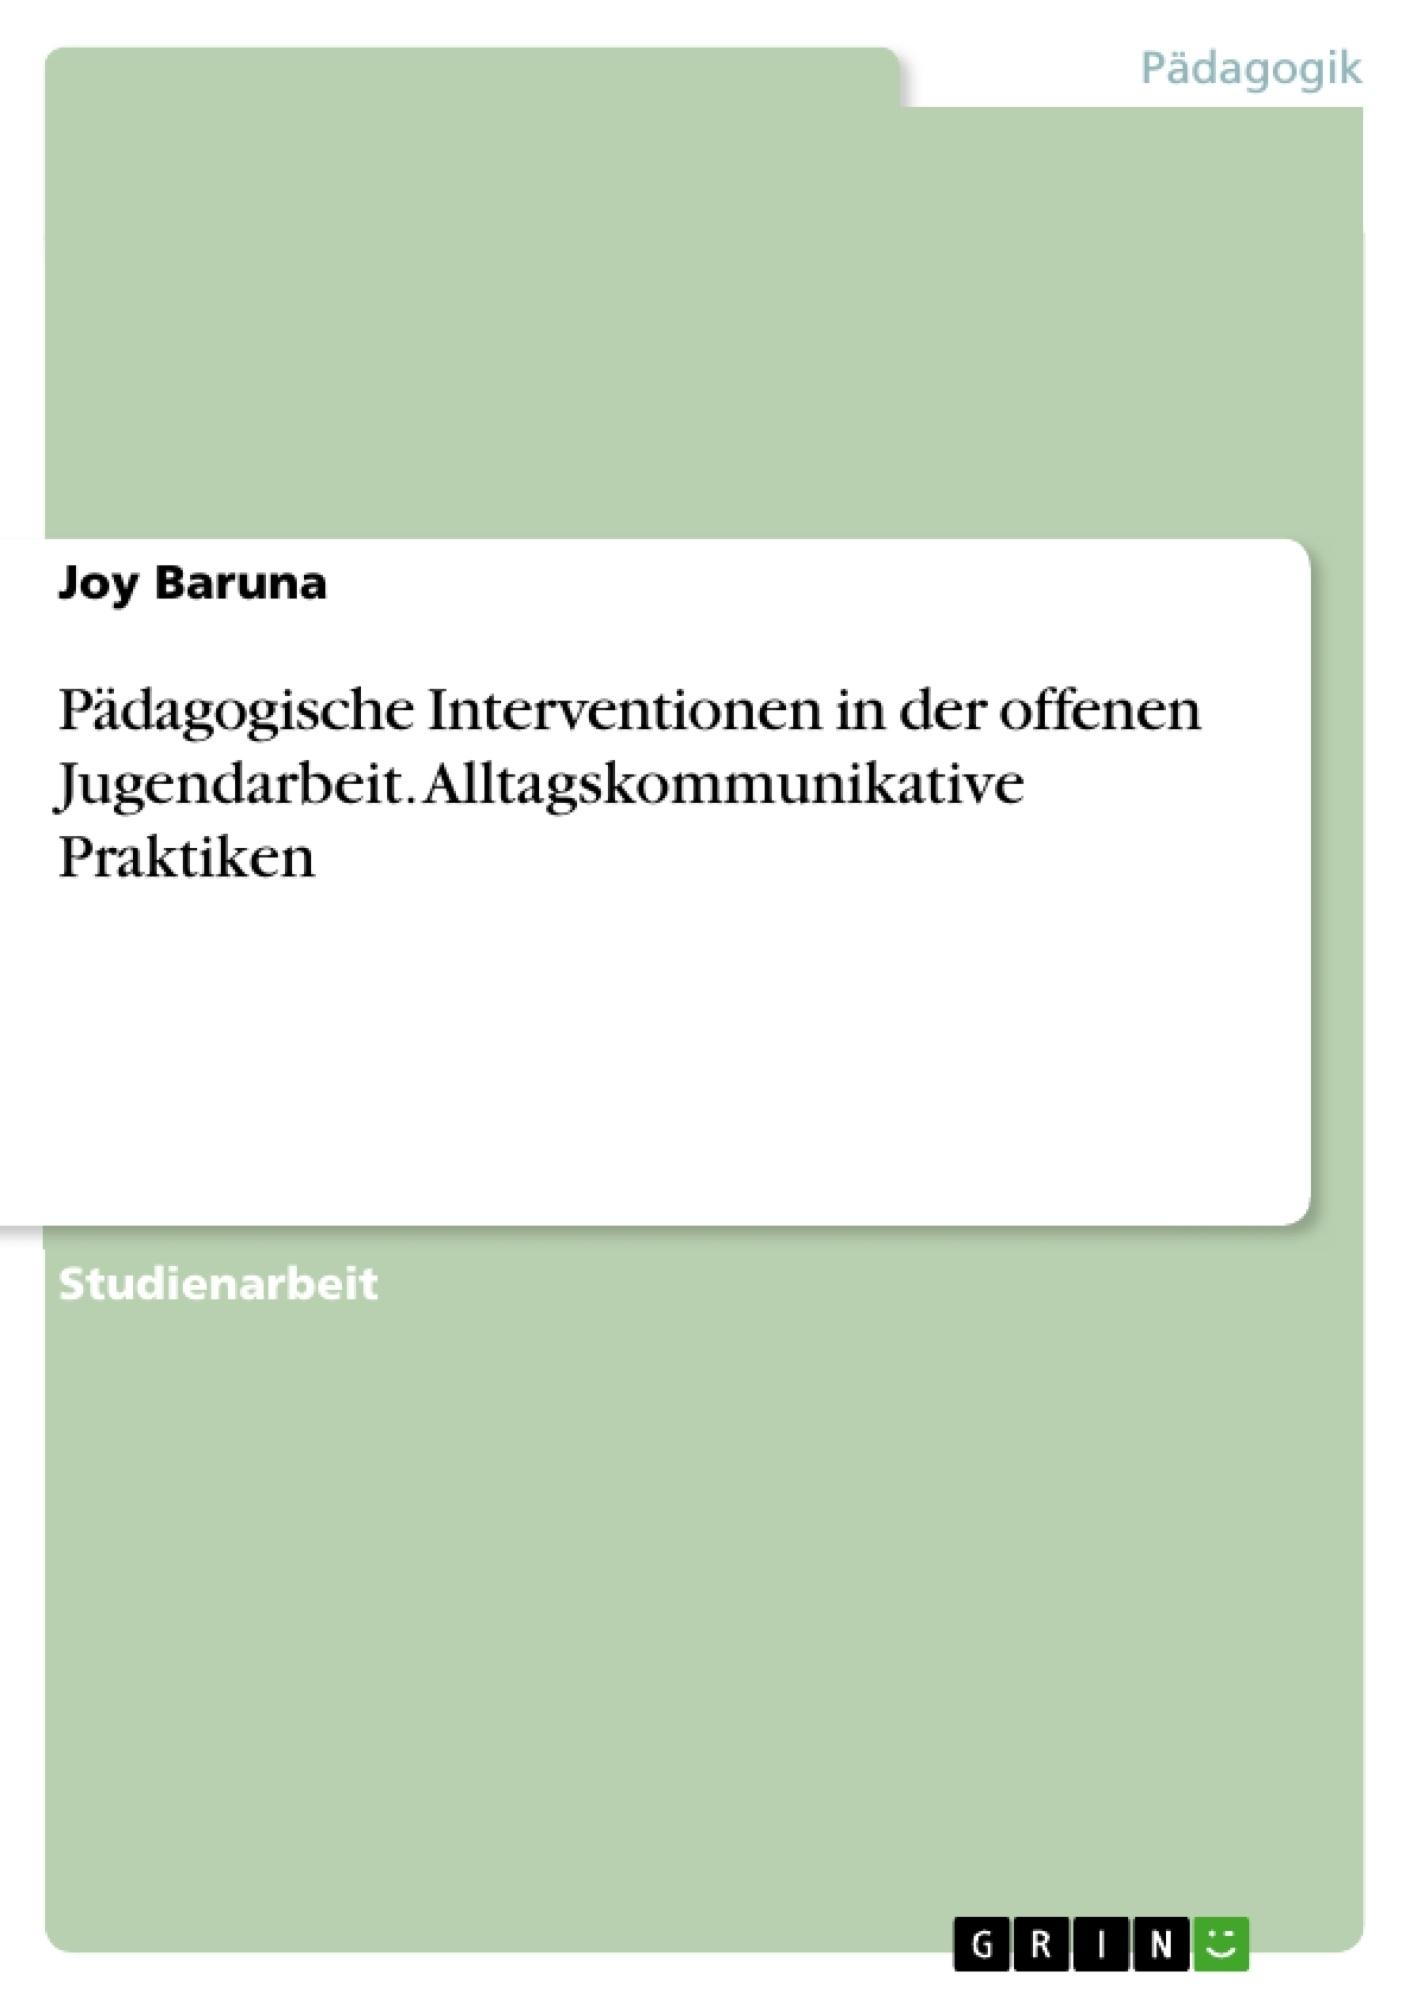 Titel: Pädagogische Interventionen in der offenen Jugendarbeit. Alltagskommunikative Praktiken